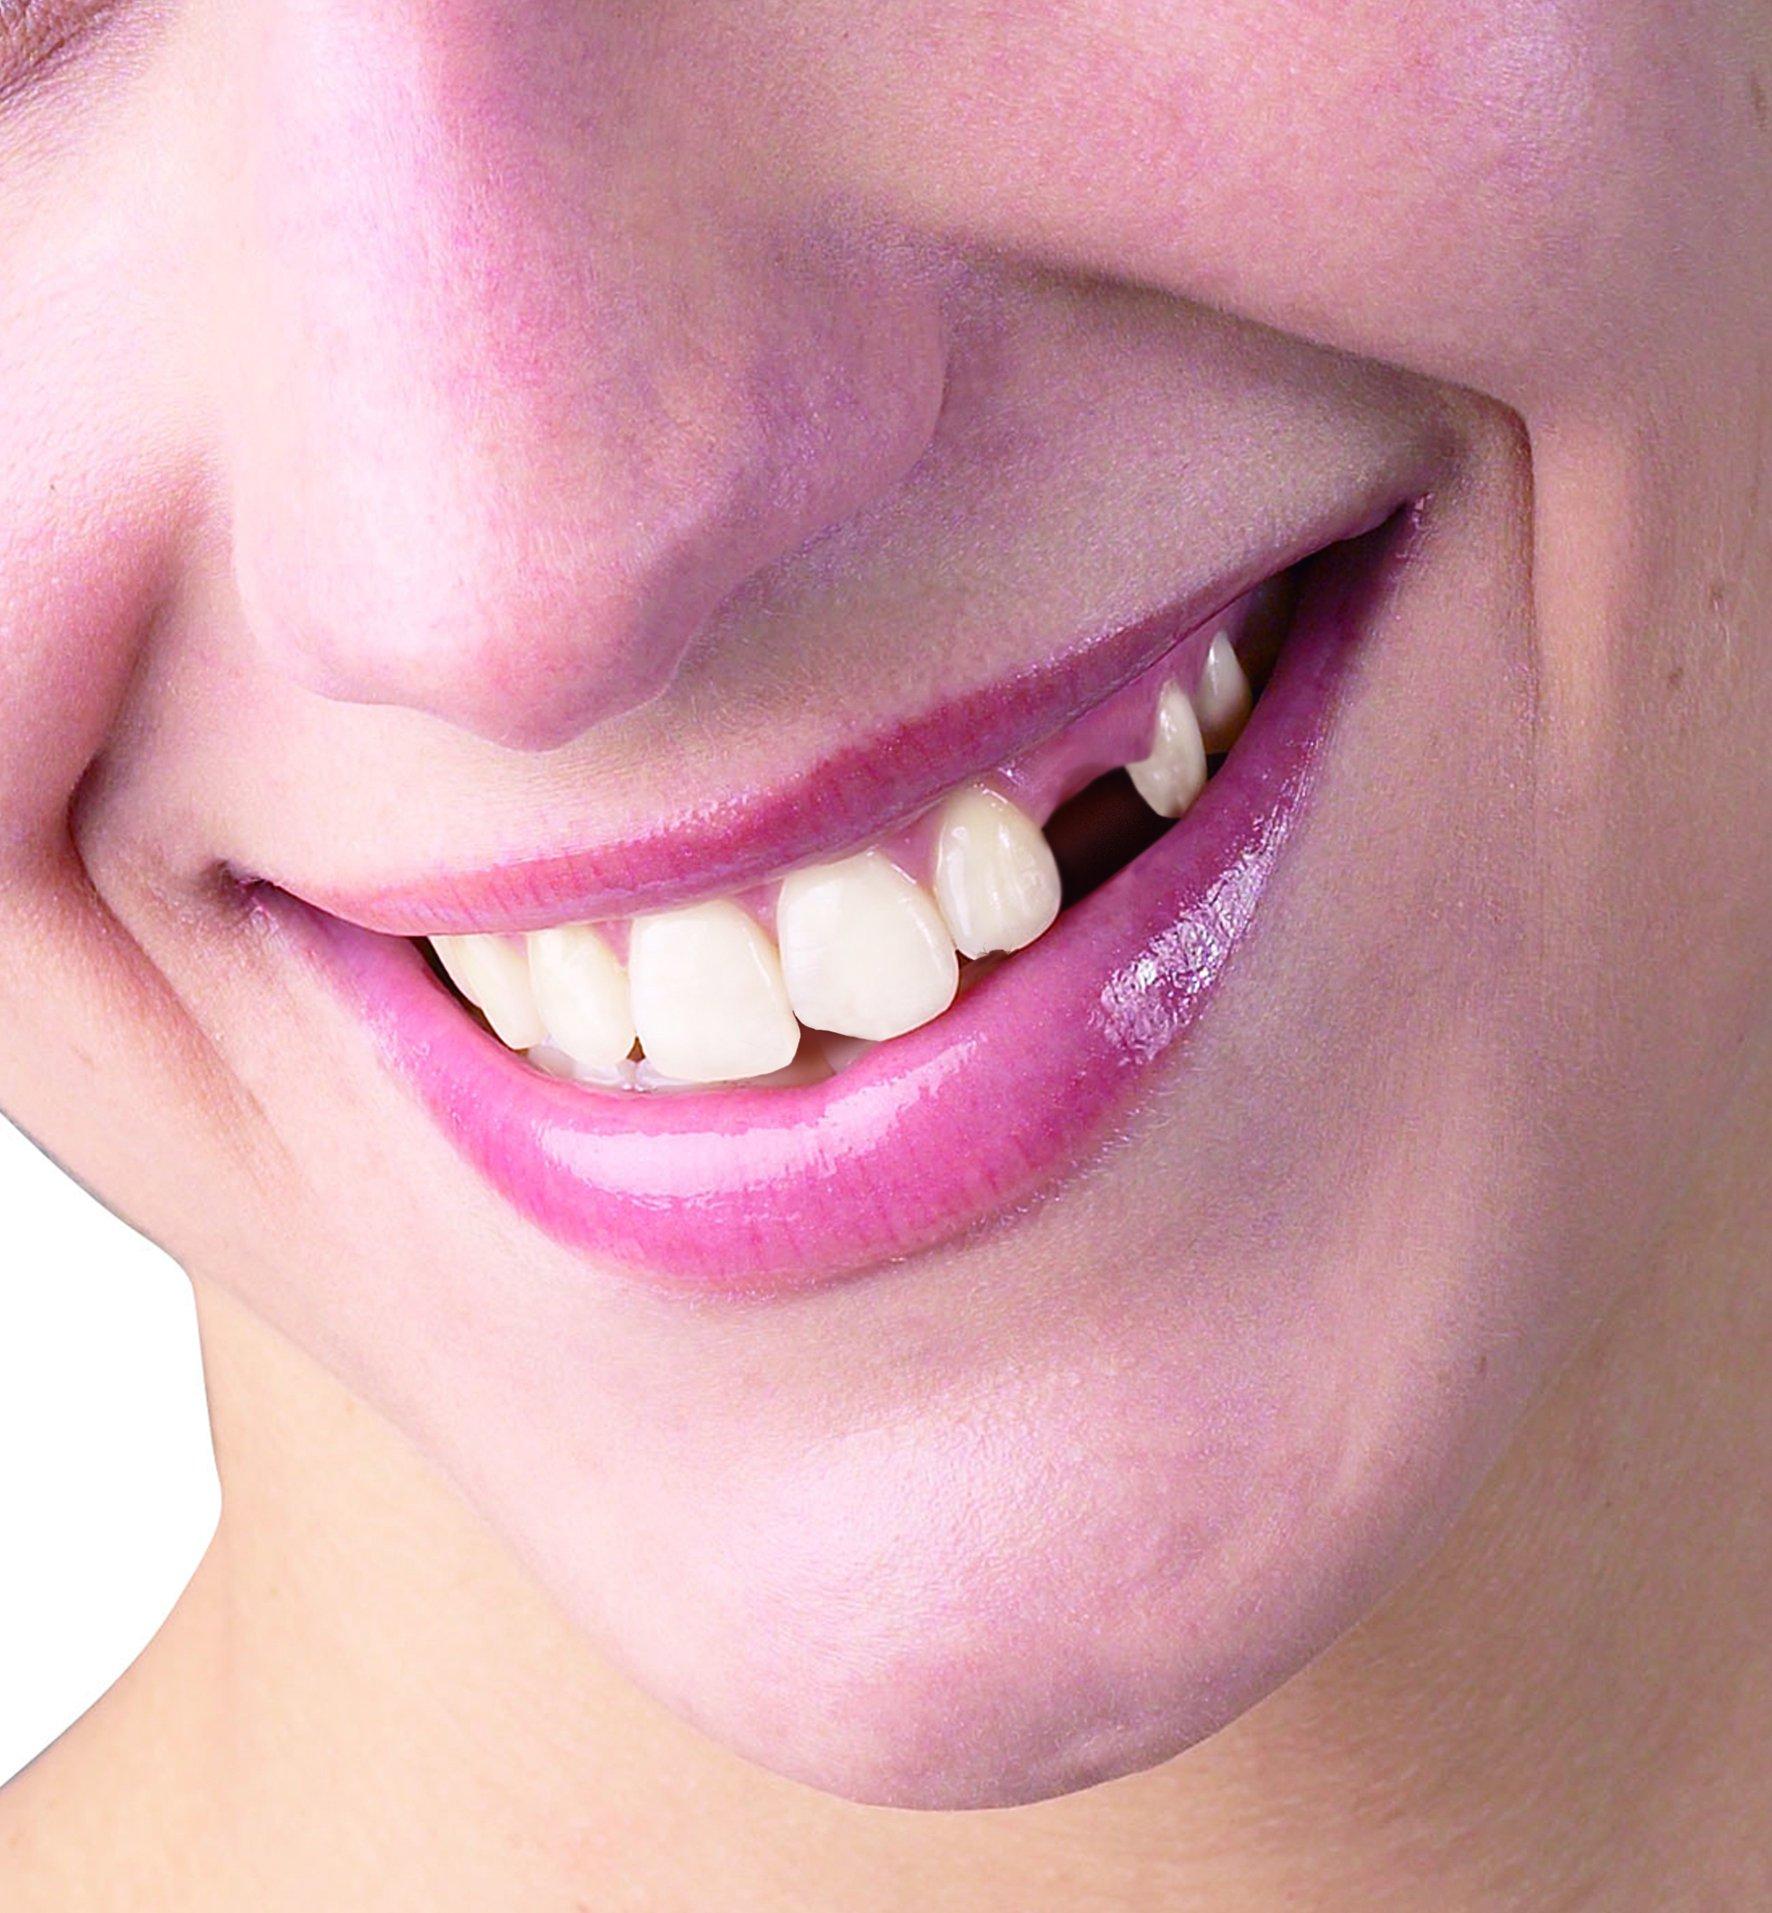 Çocuğunuza Eğlenerek Diş Fırçalama Alışkanlığı Kazandırmanın 10 Kuralı